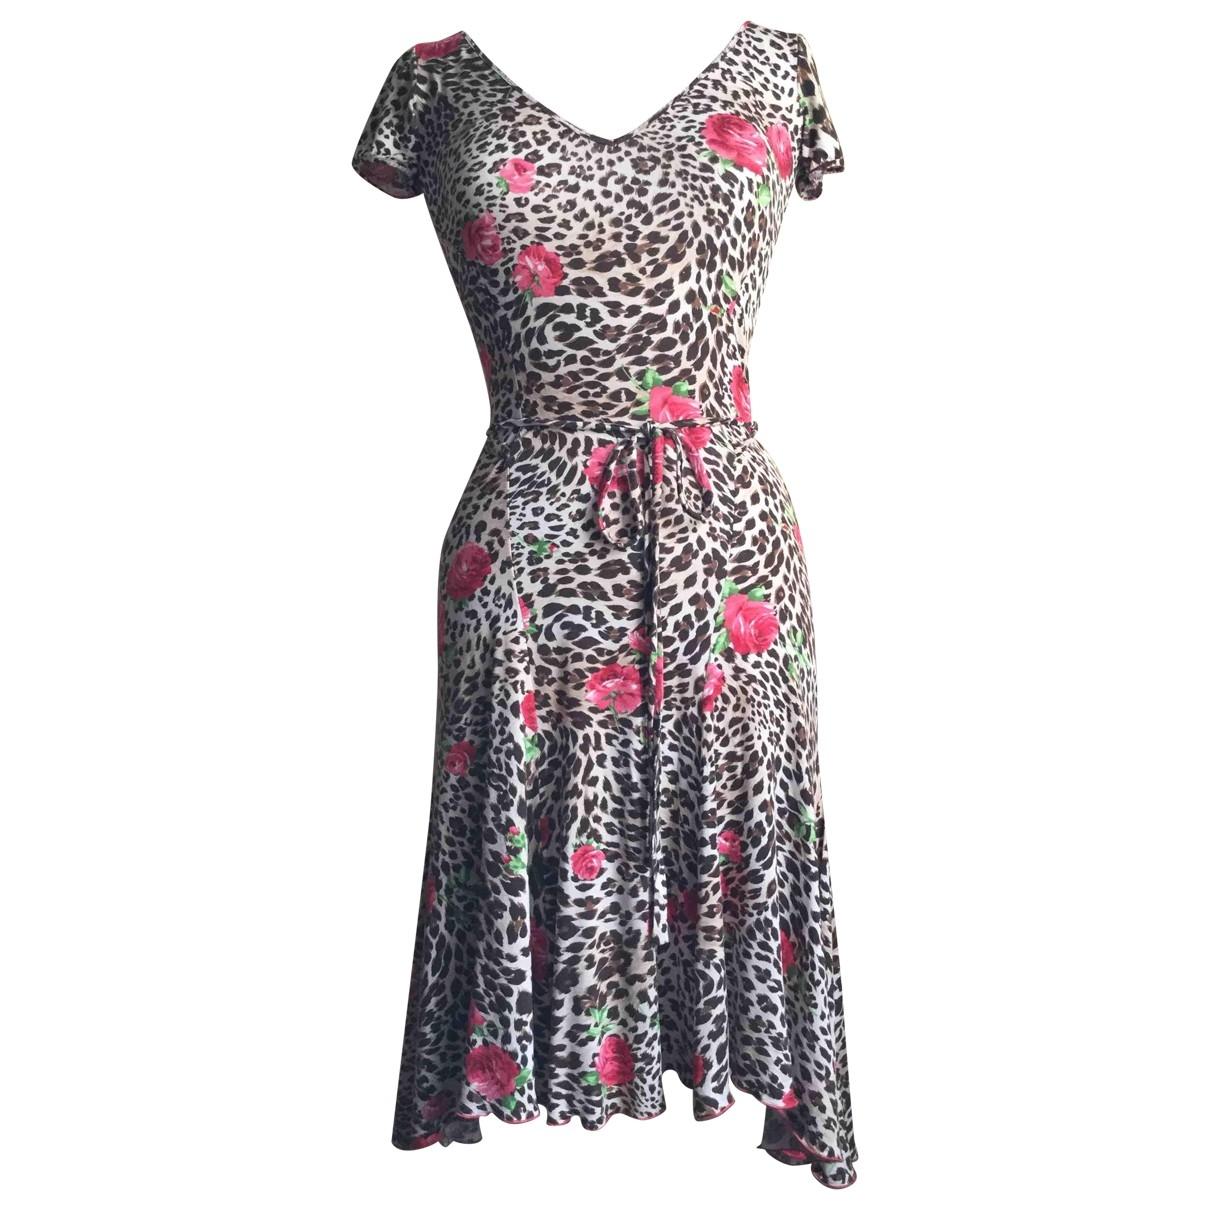 Blumarine \N Beige dress for Women 38 IT